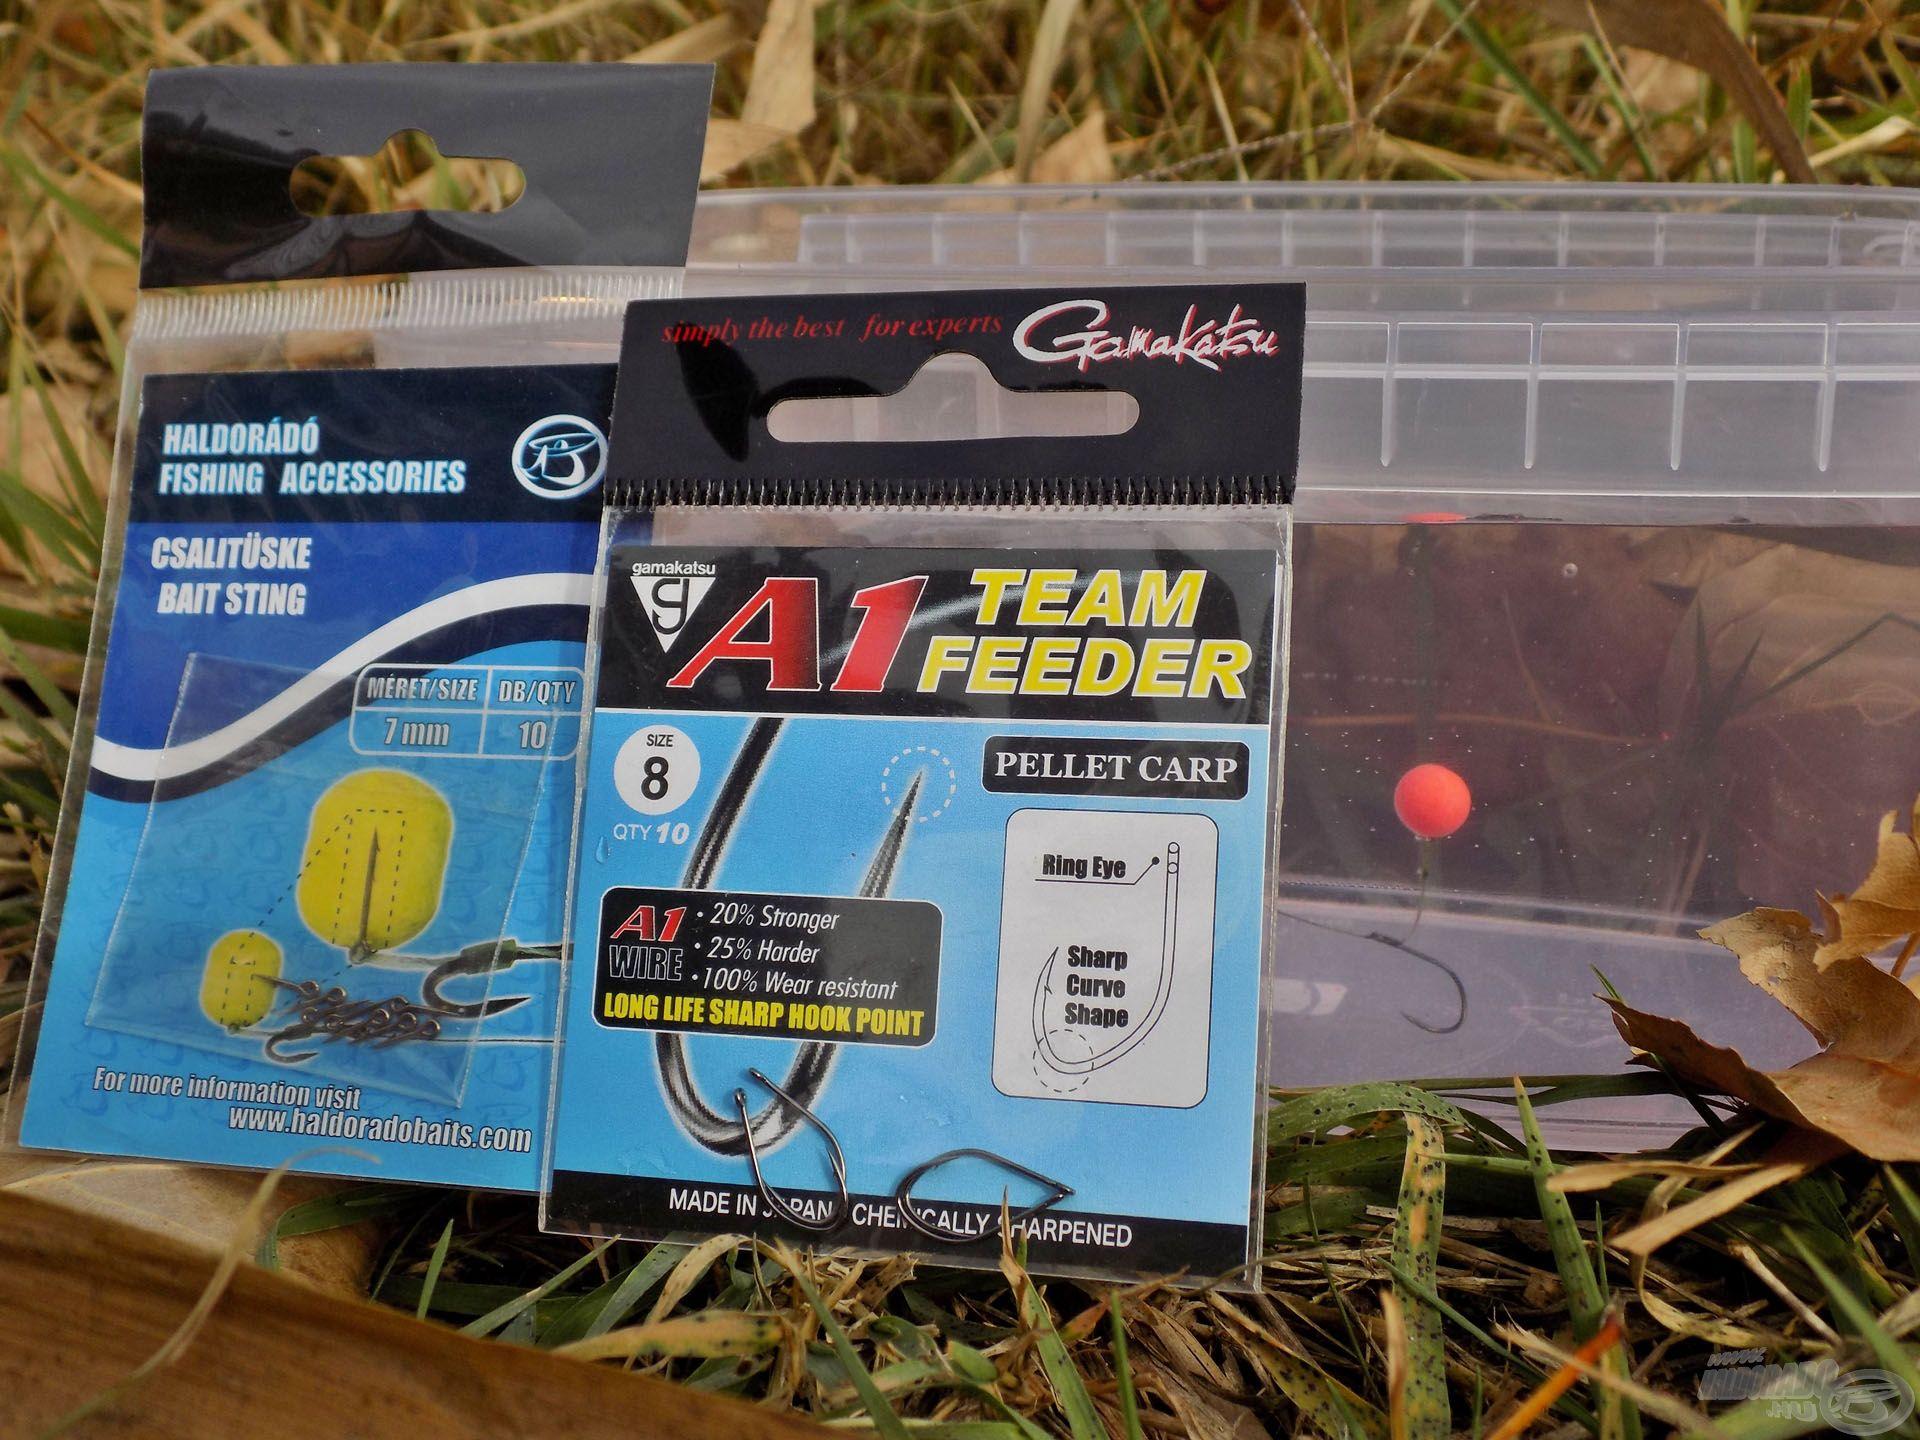 Kisméretű csalikhoz szívesen használom a vékonyhúsú, könnyű Gamakatsu A1 Team Feeder - Pellet Carp horgot 7 mm-es csalitüskével kiegészítve. Pici csalikhoz, hideg vízben remek megoldás!